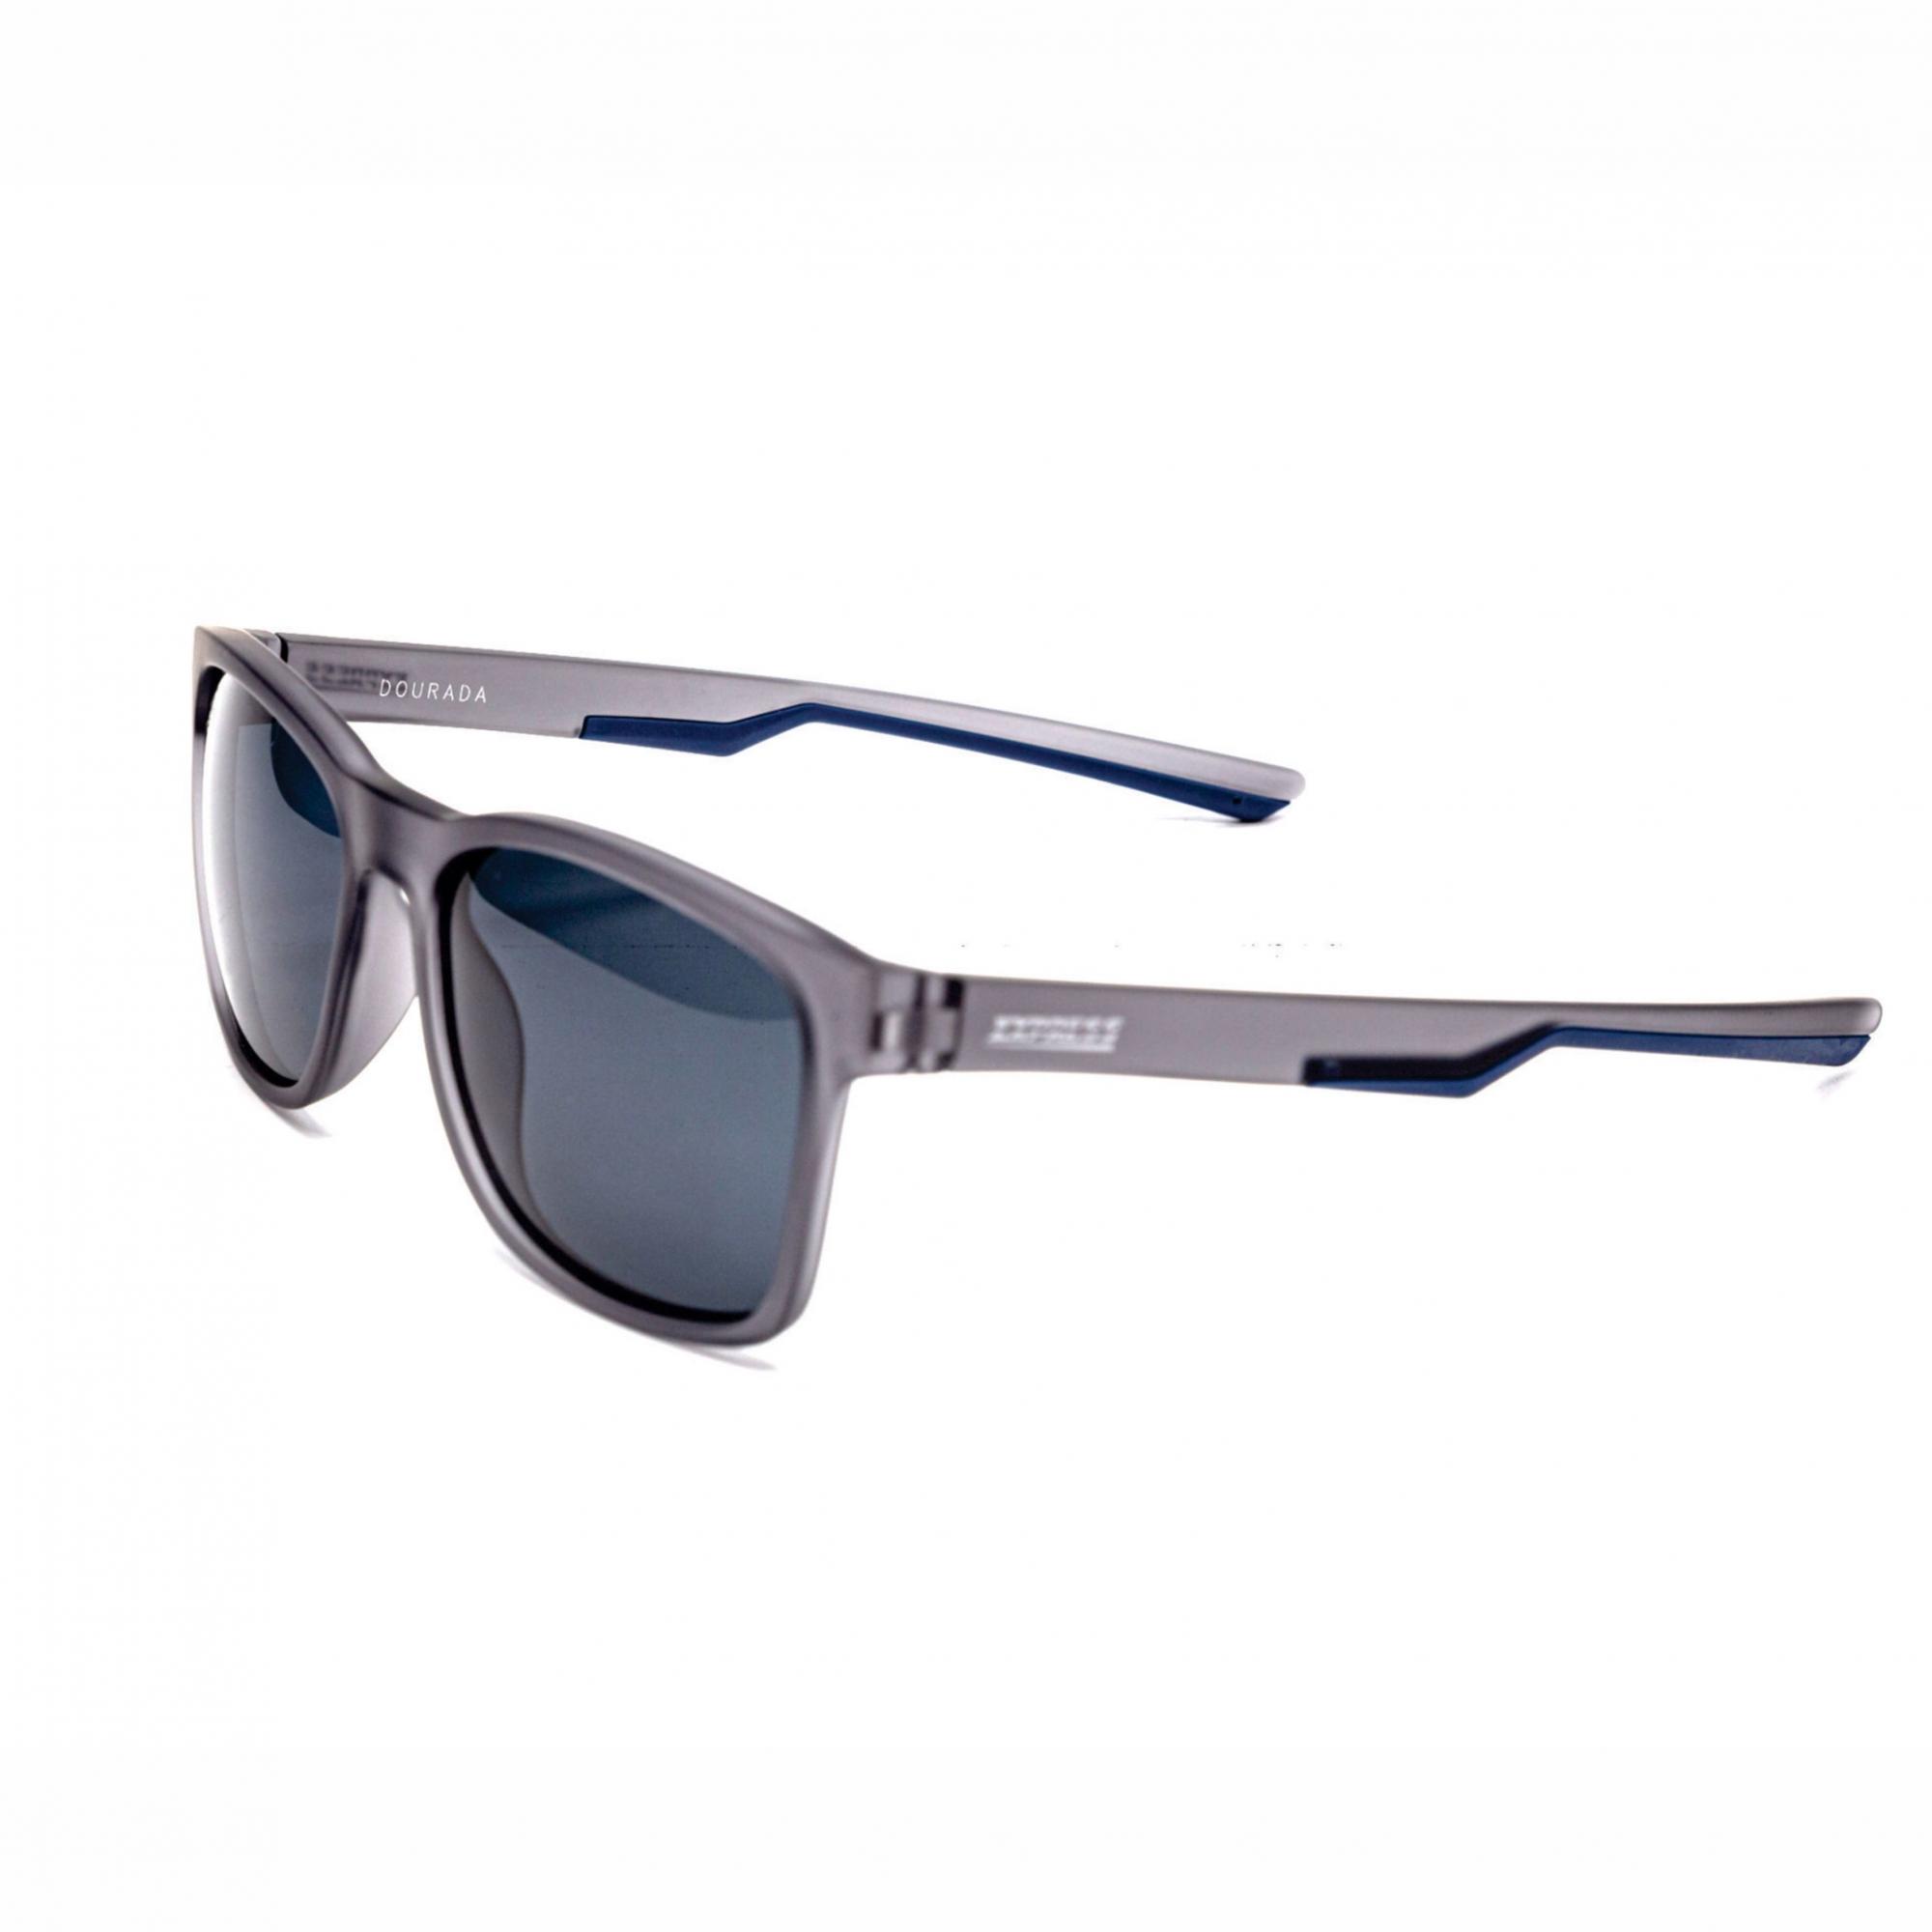 Óculos de Sol Polarizado Express Dourada Azul c/ Preto Fosco